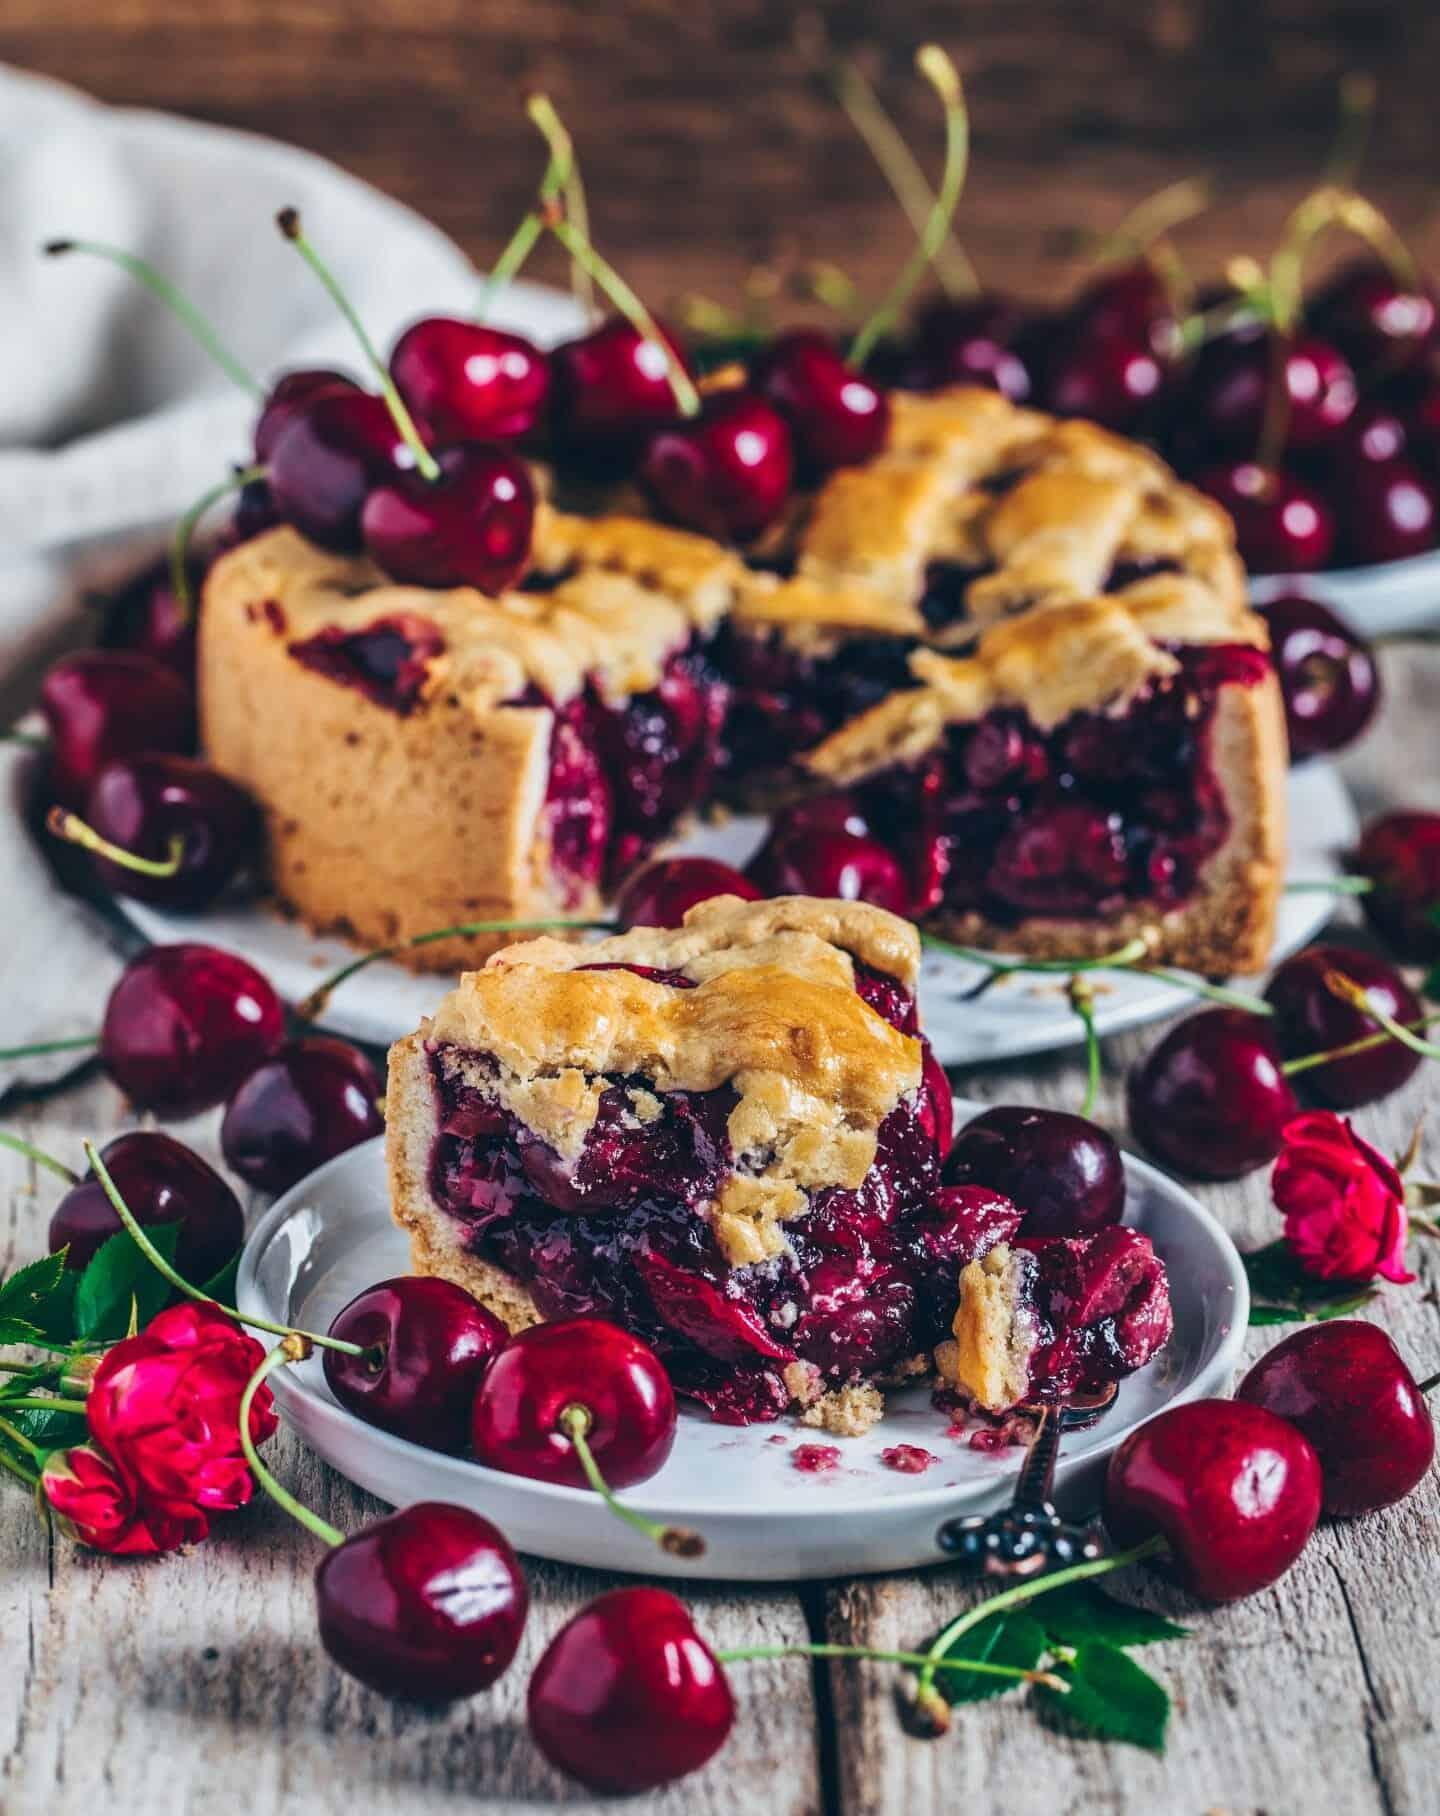 Kirsch Kuchen Mit Saftiger Fullung Vegan Einfach Bianca Zapatka